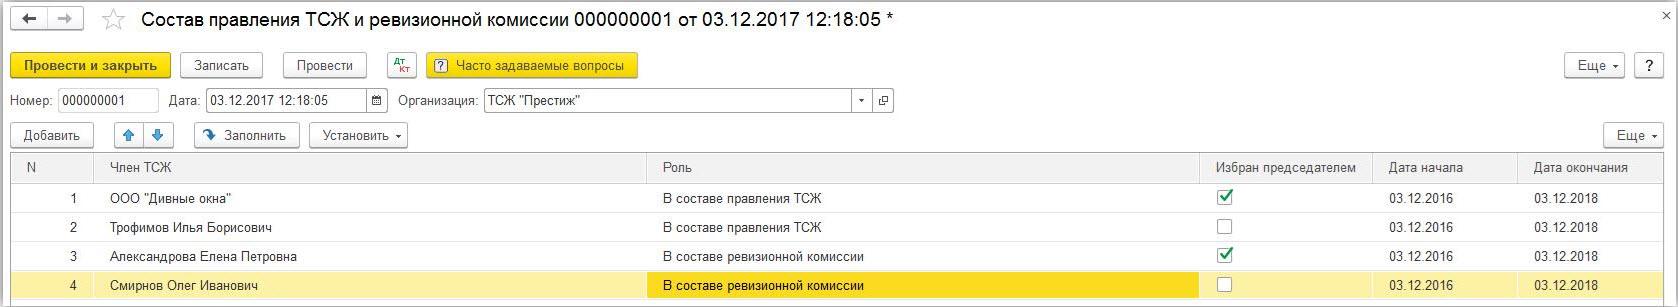 Состав правления ТСЖ и ревизионной комиссии